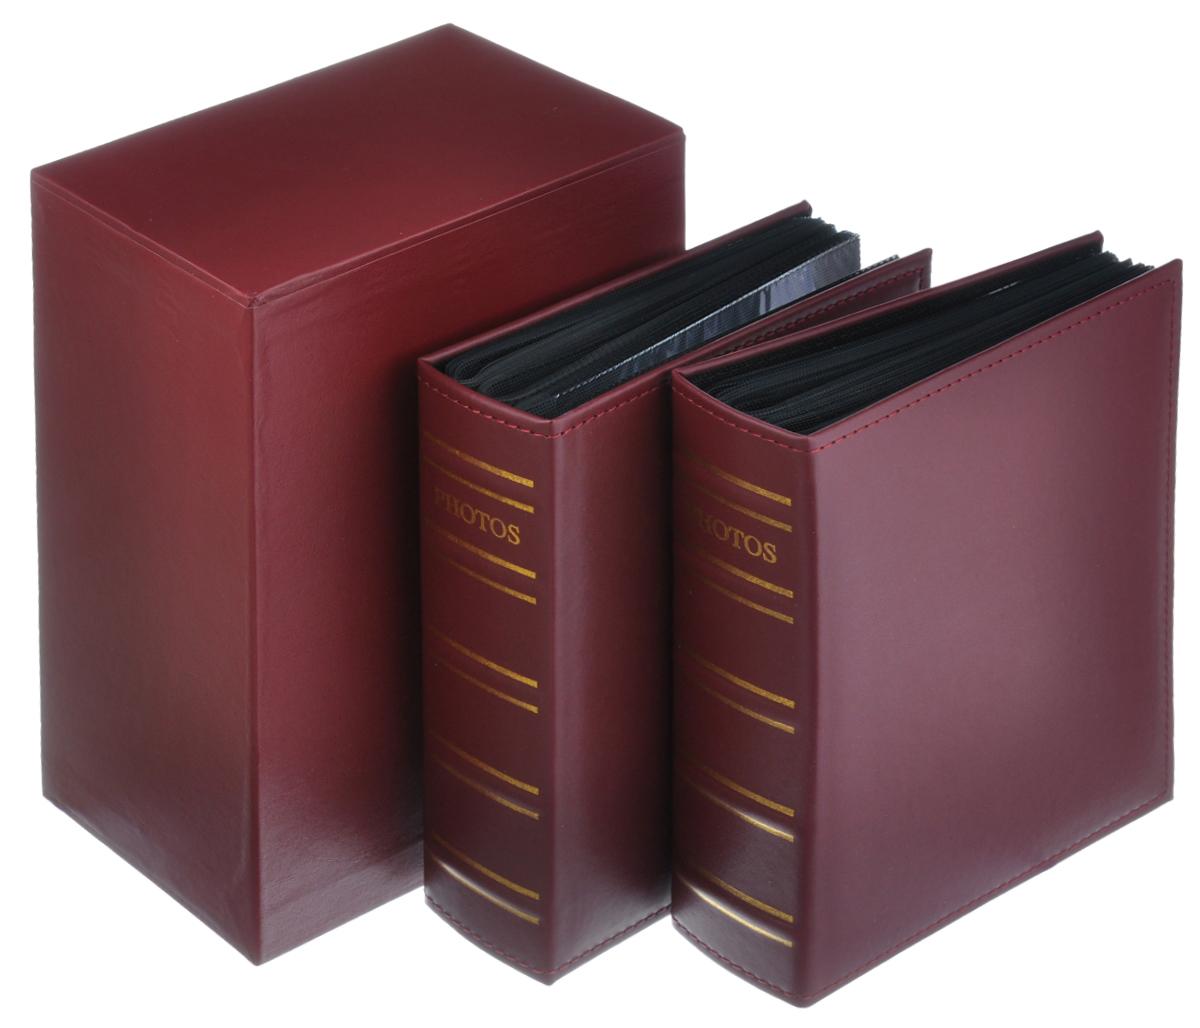 """Набор """"Image Art"""", состоящий из двух фотоальбомов, поможет красиво оформить ваши  фотографии. Обложки фотоальбомов выполнены из толстого картона, обтянутого искусственной  кожей. Внутри содержится блок из 50 листов с фиксаторами-окошками  из ПВХ. Каждый альбом рассчитан на 200 фотографий формата 10 см х 15 см (по 2  фотографии на странице). Переплет - книжный.  Альбомы вставляются в подарочную коробку, оснащенную ящиком для хранения различных  мелочей. Нам всегда так приятно вспоминать о самых счастливых моментах жизни, запечатленных на  фотографиях. Поэтому фотоальбом является универсальным подарком к любому празднику.  Комплектация: 2 шт. Количество листов в одном альбоме: 50 шт. Число мест для фотографий в одном альбоме: 200 шт. Размер фотоальбома: 23 см х 18 см х 6 см."""